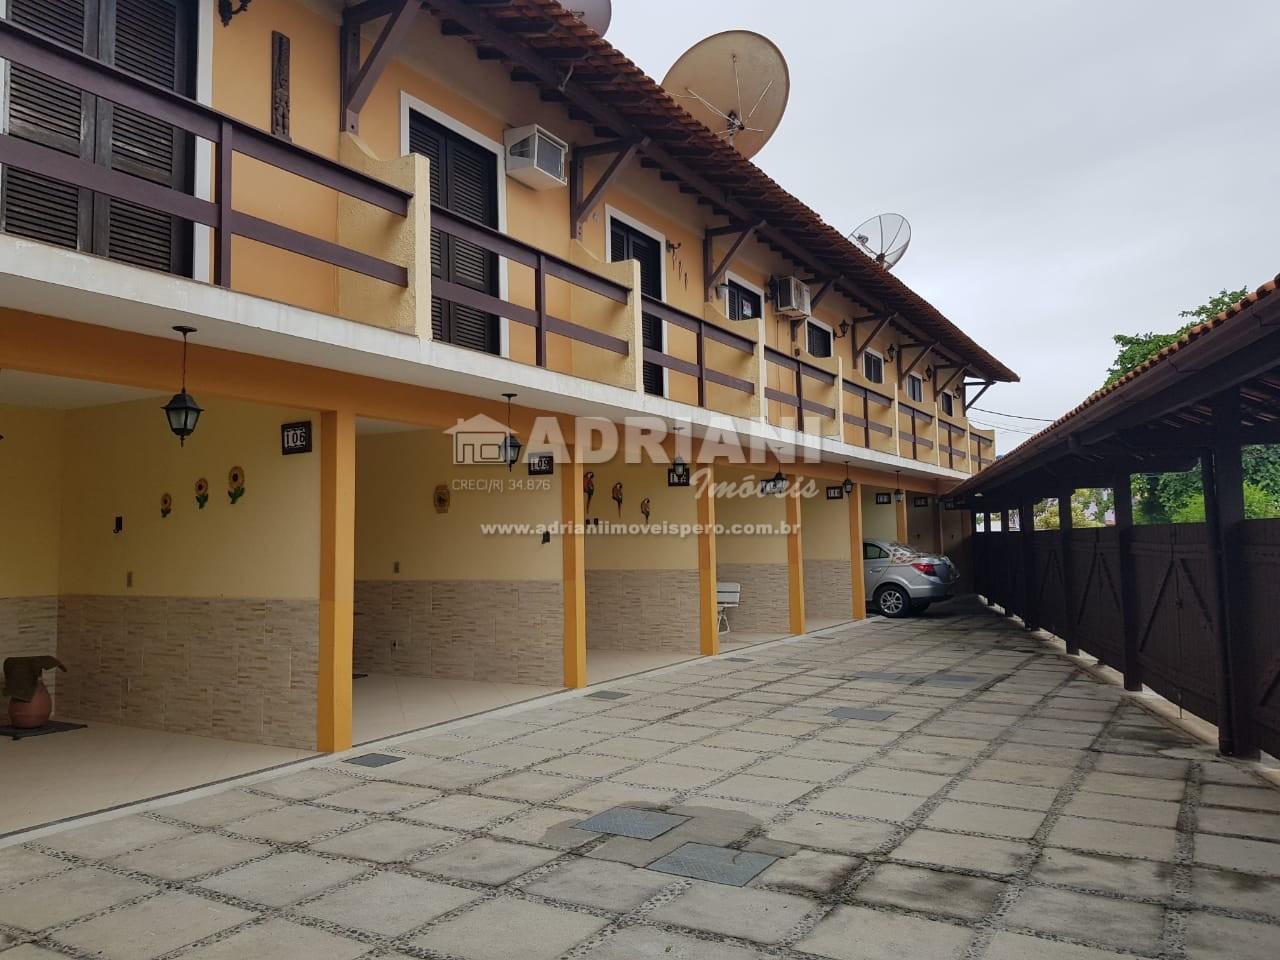 Cód 394 Casa em condomínio, 2 quartos, temporada, Peró, Cabo Frio – RJ